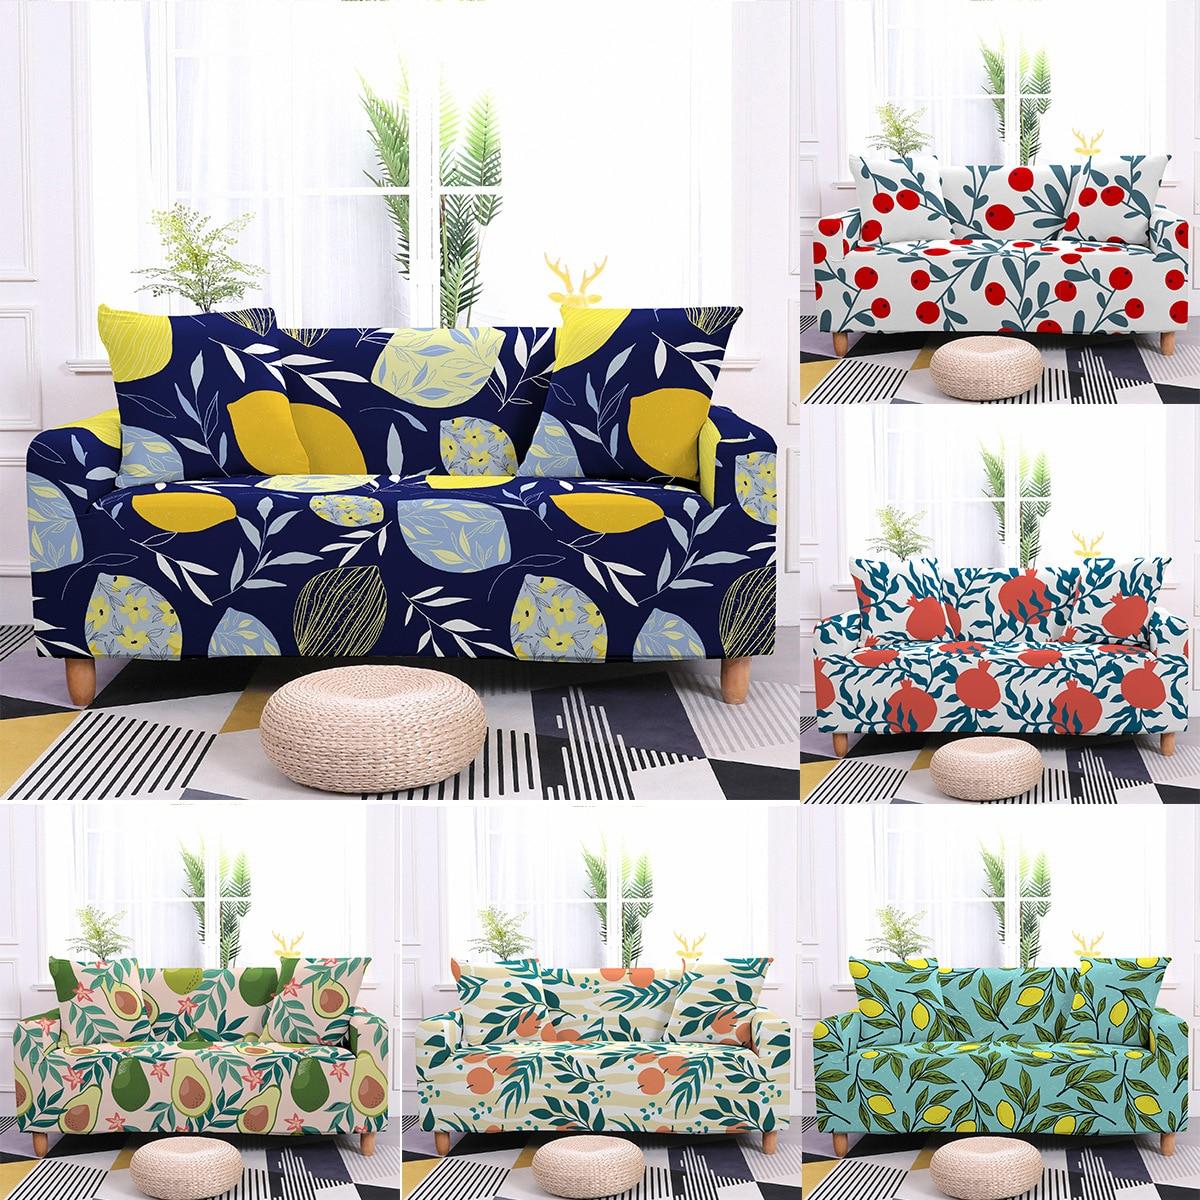 Эластичный чехол на диван для гостиной, моющийся эластичный чехол на Угловое кресло, покрывало на 1/2/3/4-местный диван